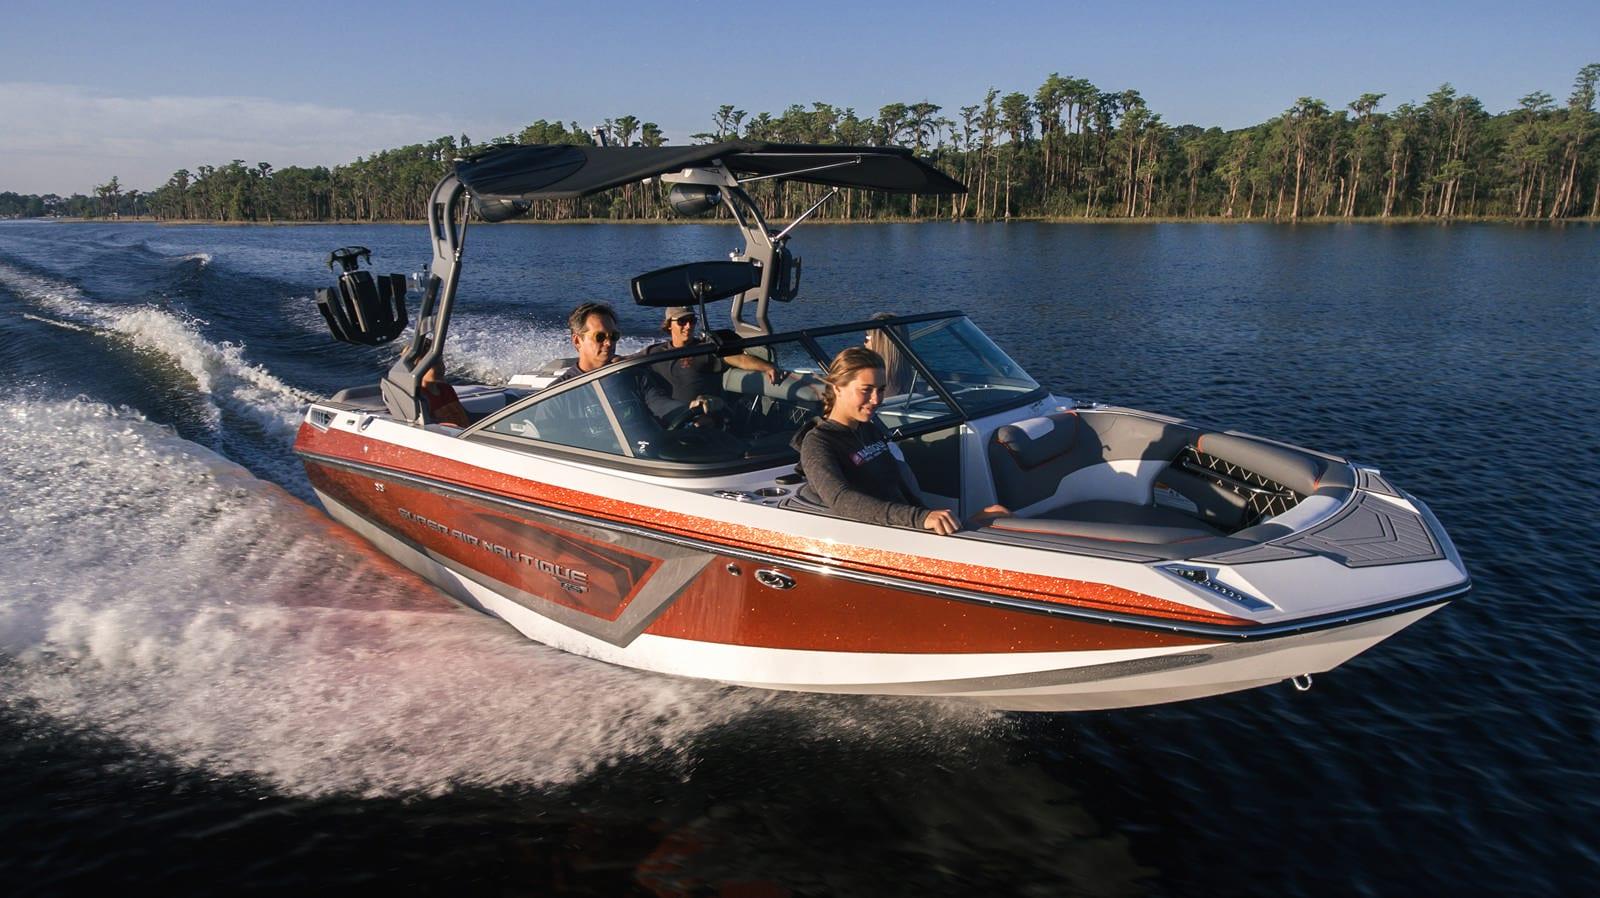 סירת ספורט וויקסרף וויקבורד וסקי NAUTIQUE GS20 - סירת ספורט וויקסרף וויקבורד וסקי NAUTIQUE GS20 - סטרים יאכטות